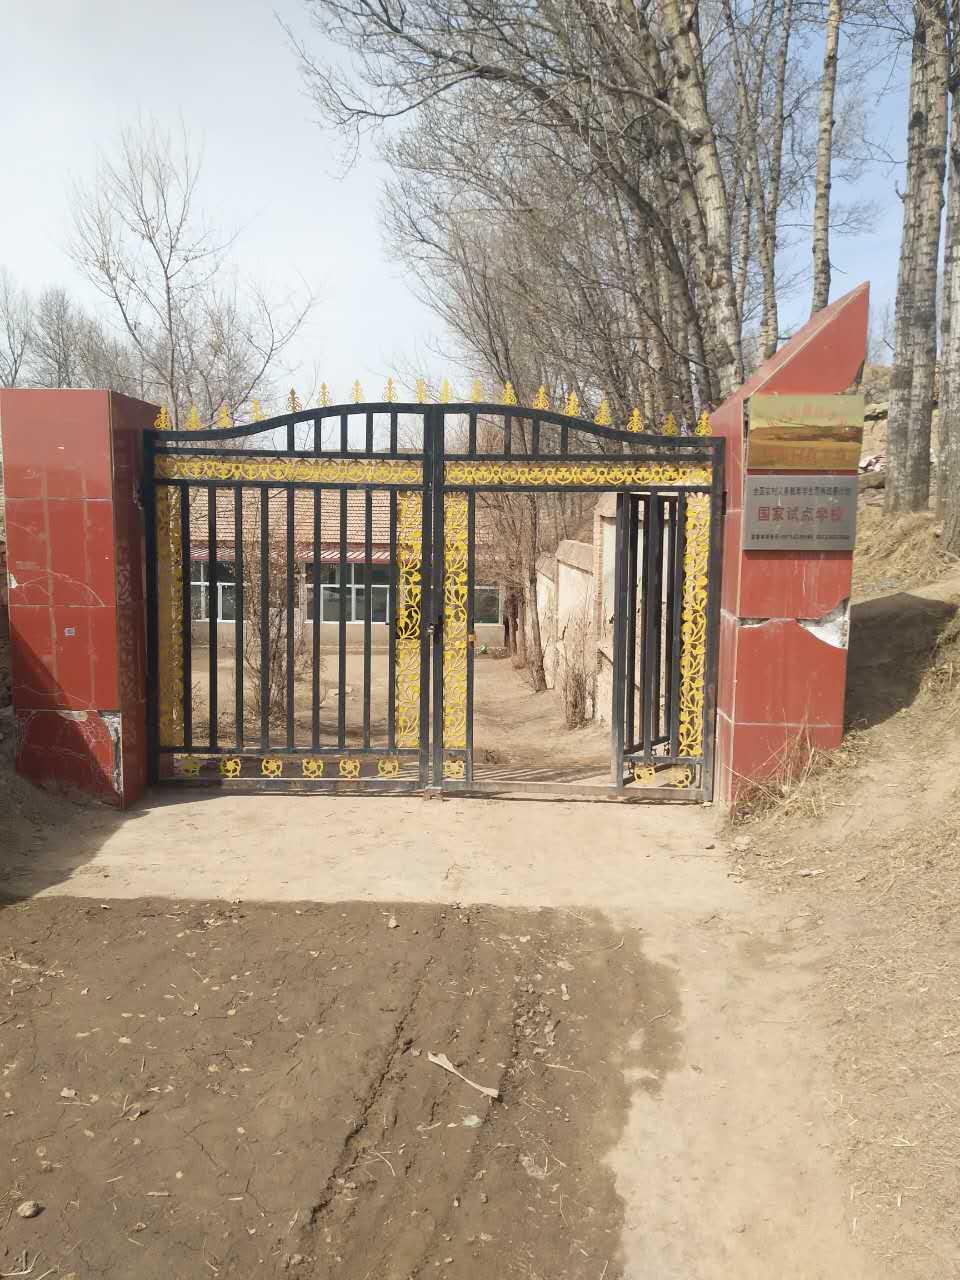 烂泥沟小学位于青海省海东地区乐都区李家乡烂泥沟村,距县城